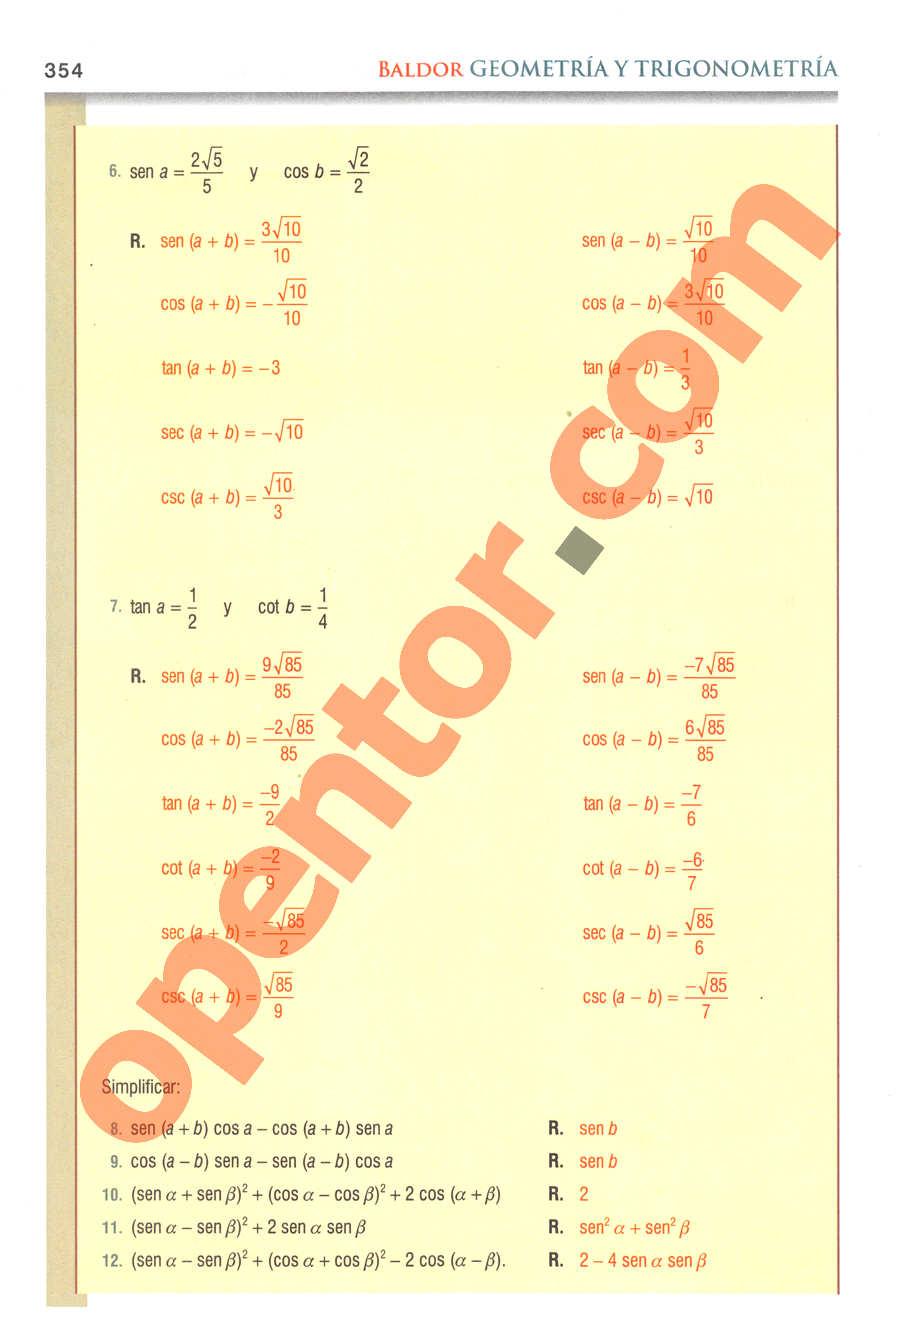 Geometría y Trigonometría de Baldor - Página 354